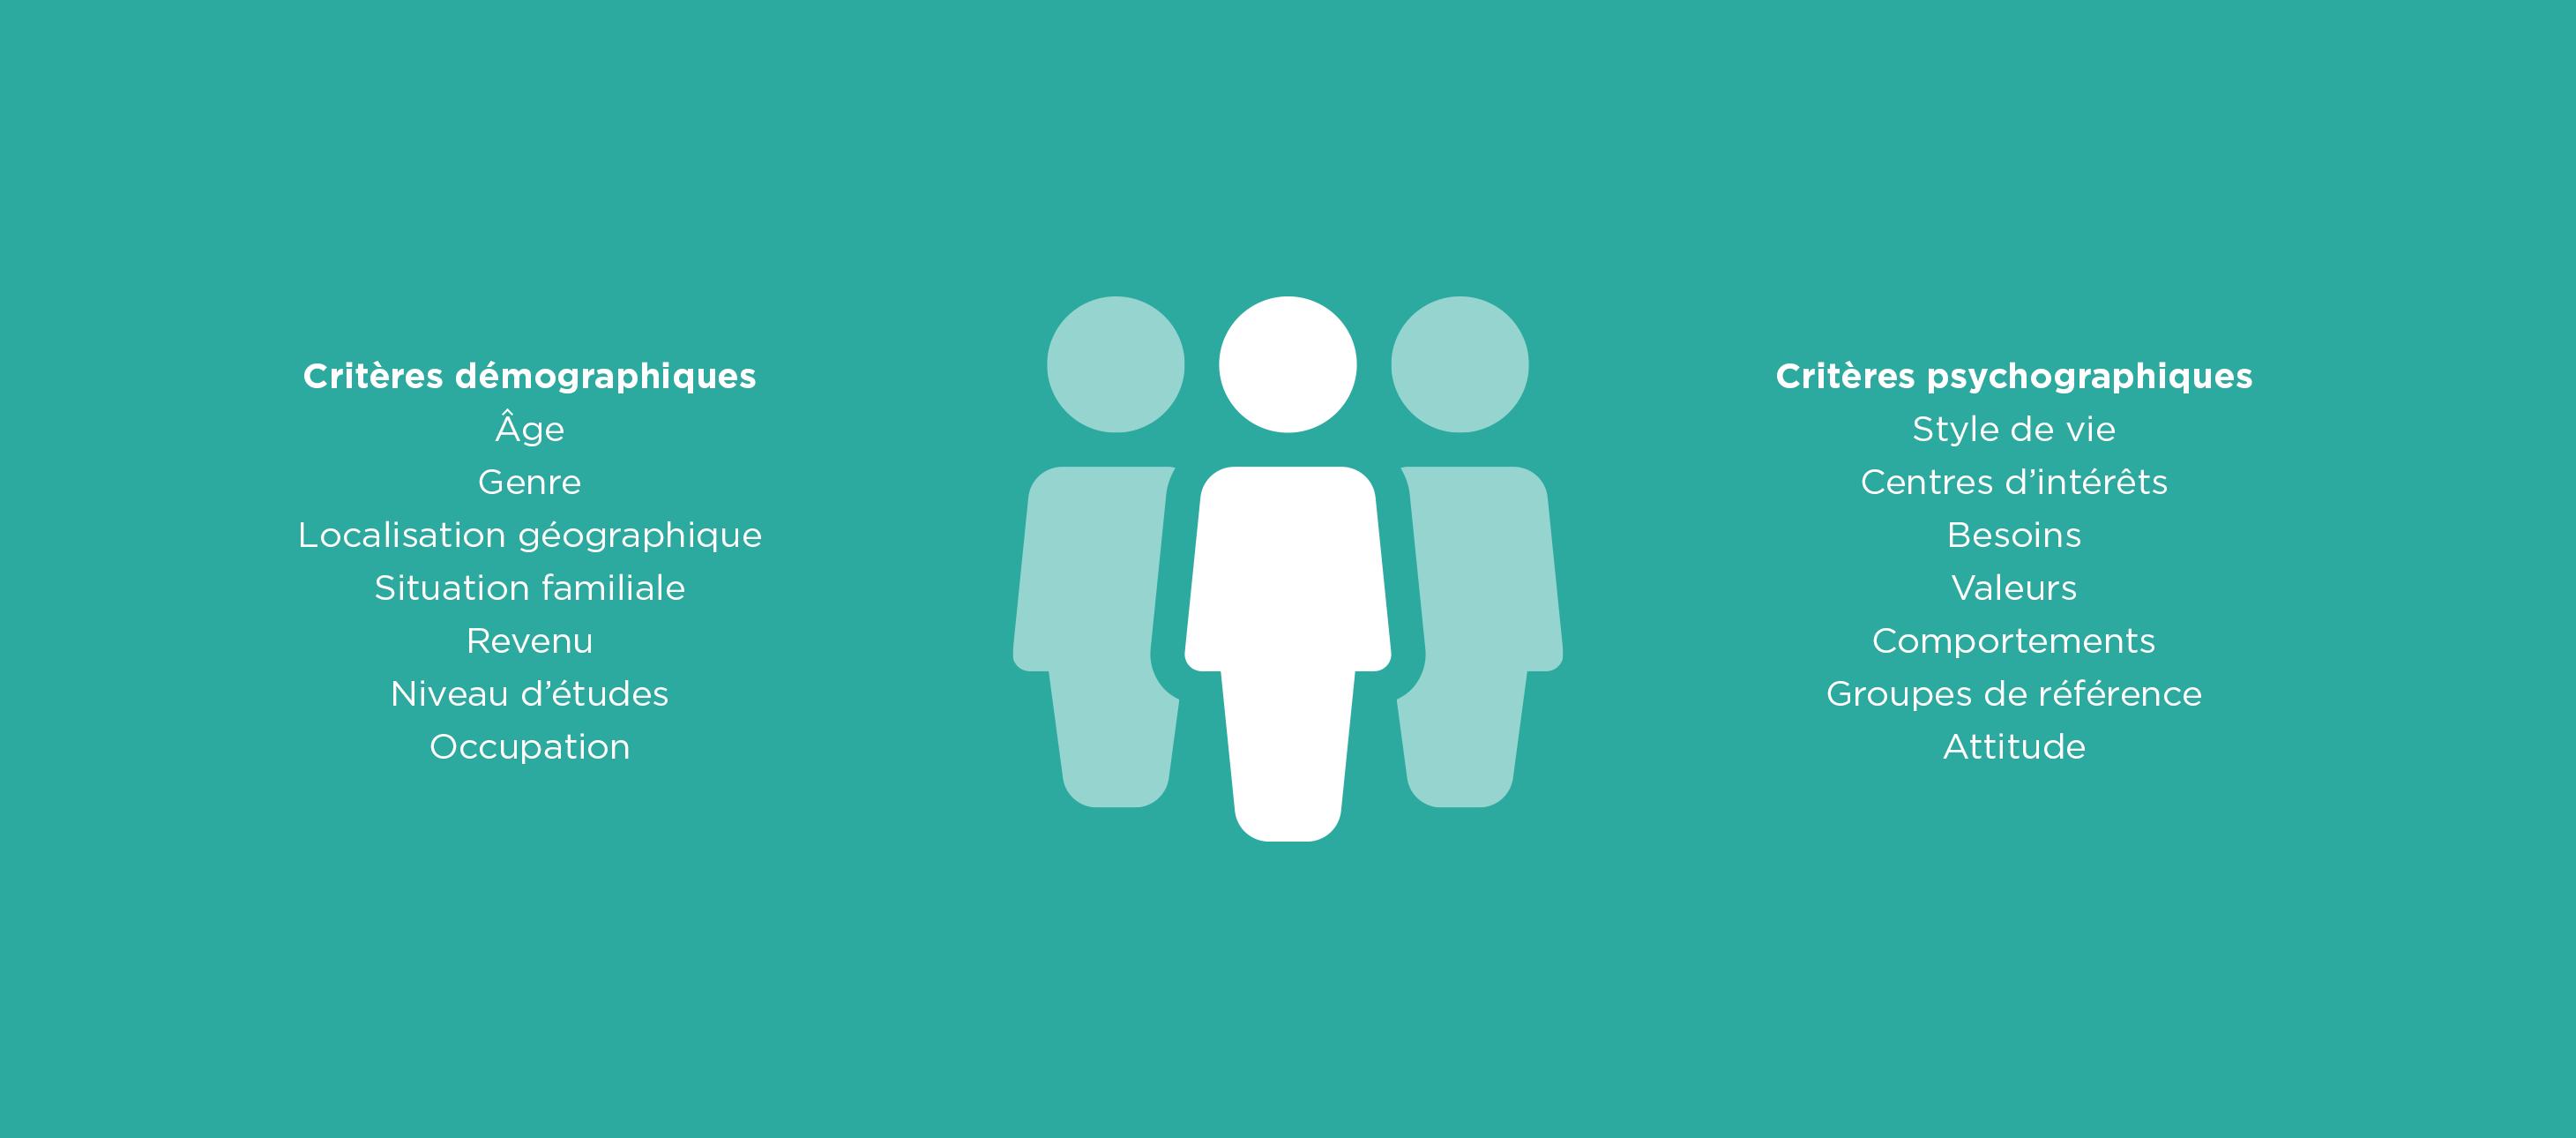 Critères démographiques et psychographiques pour définir son persona